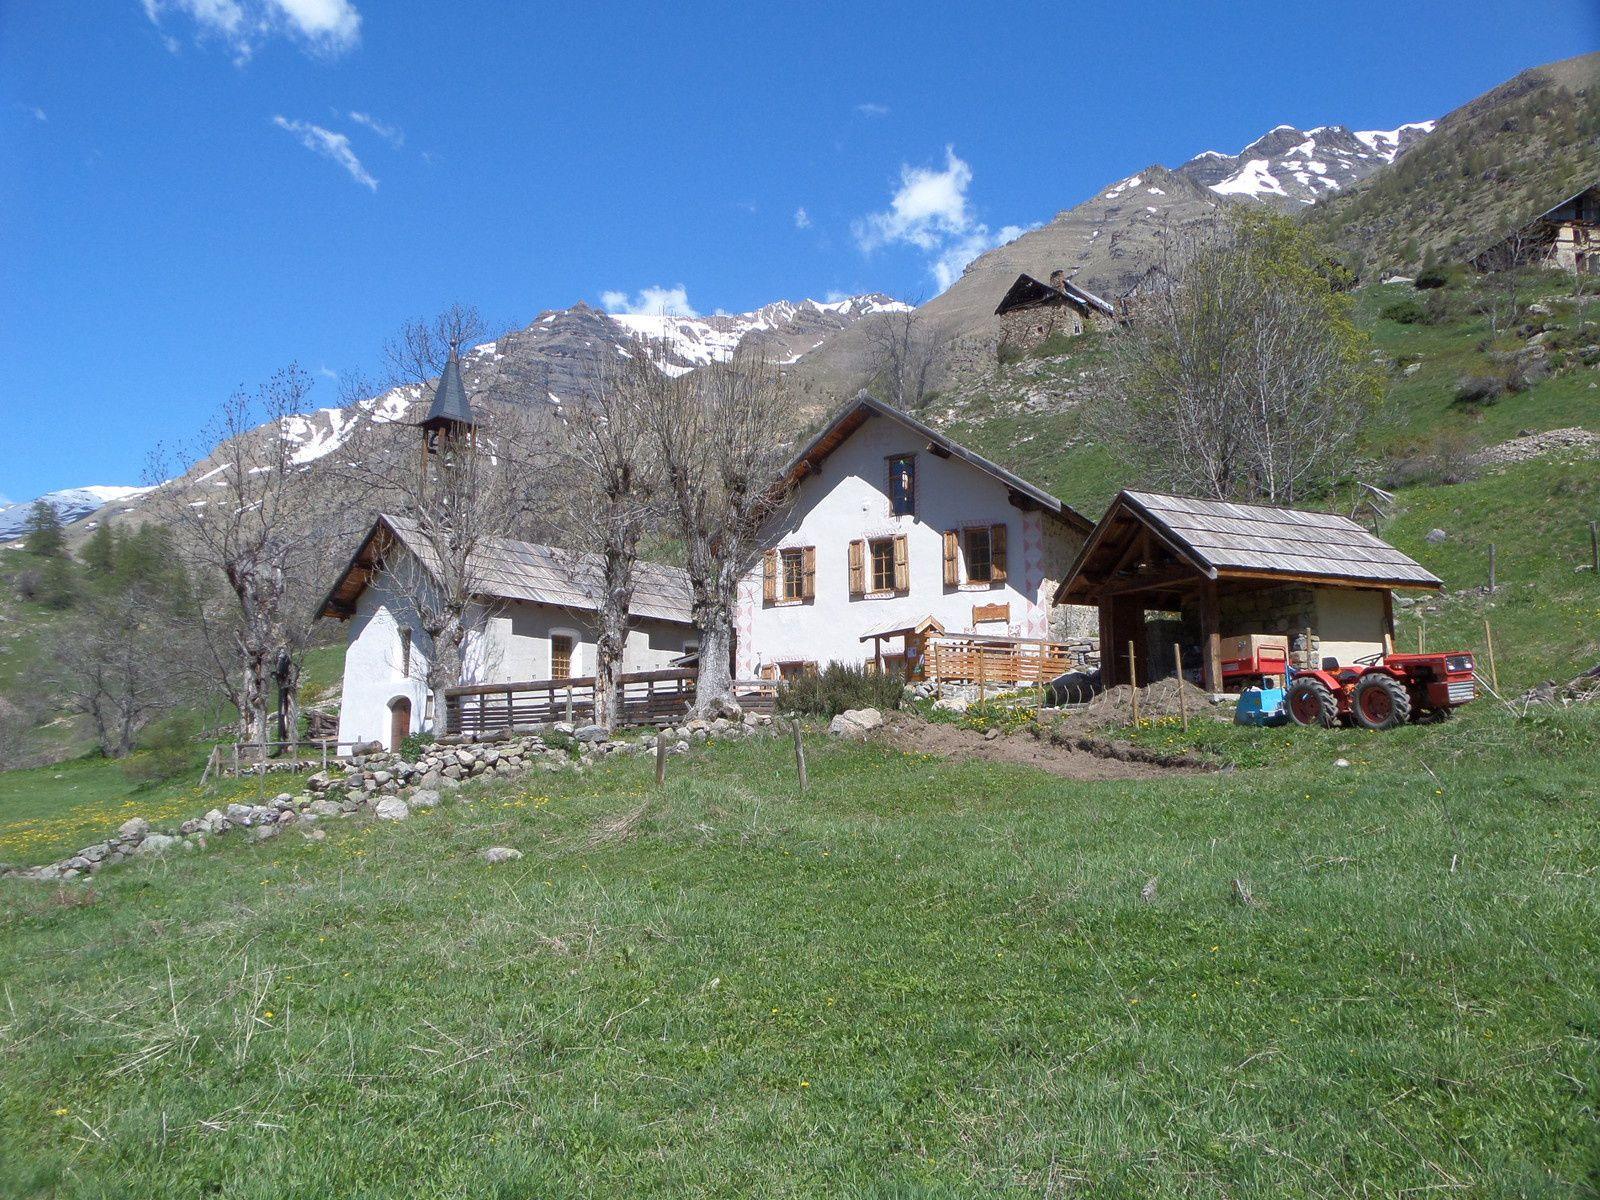 sentier menant au hameau des Romans (1780m) et l'église et le Gite refuge de l'Ecole (1727m)